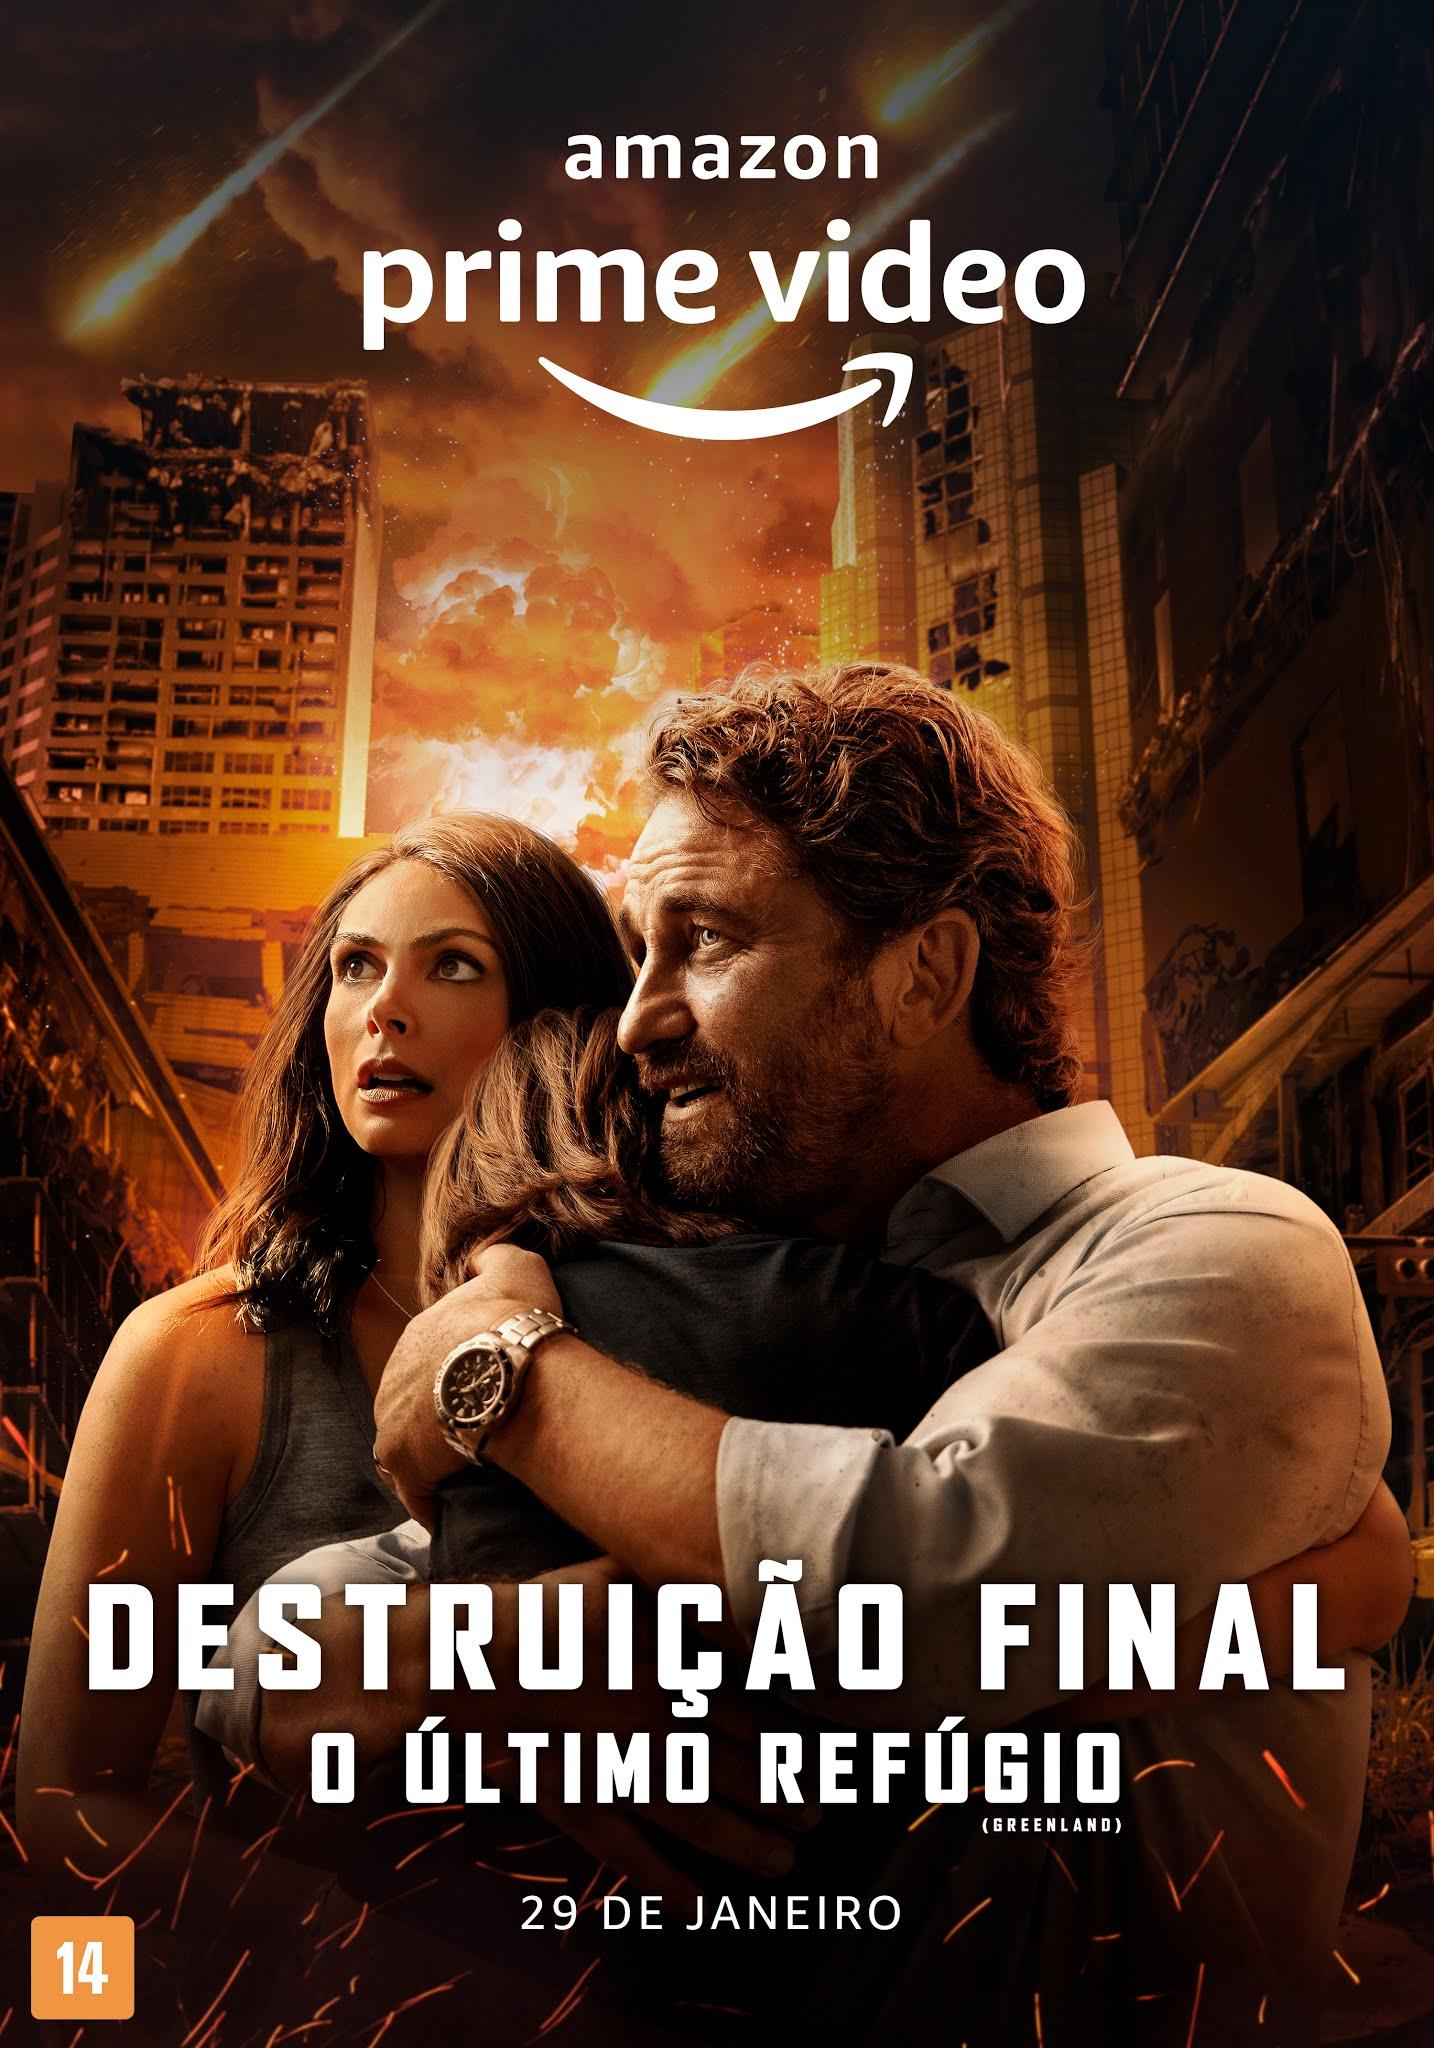 'Destruição Final: O Último Refúgio' já está disponível na Amazon Prime Video - Pipocando Noticias